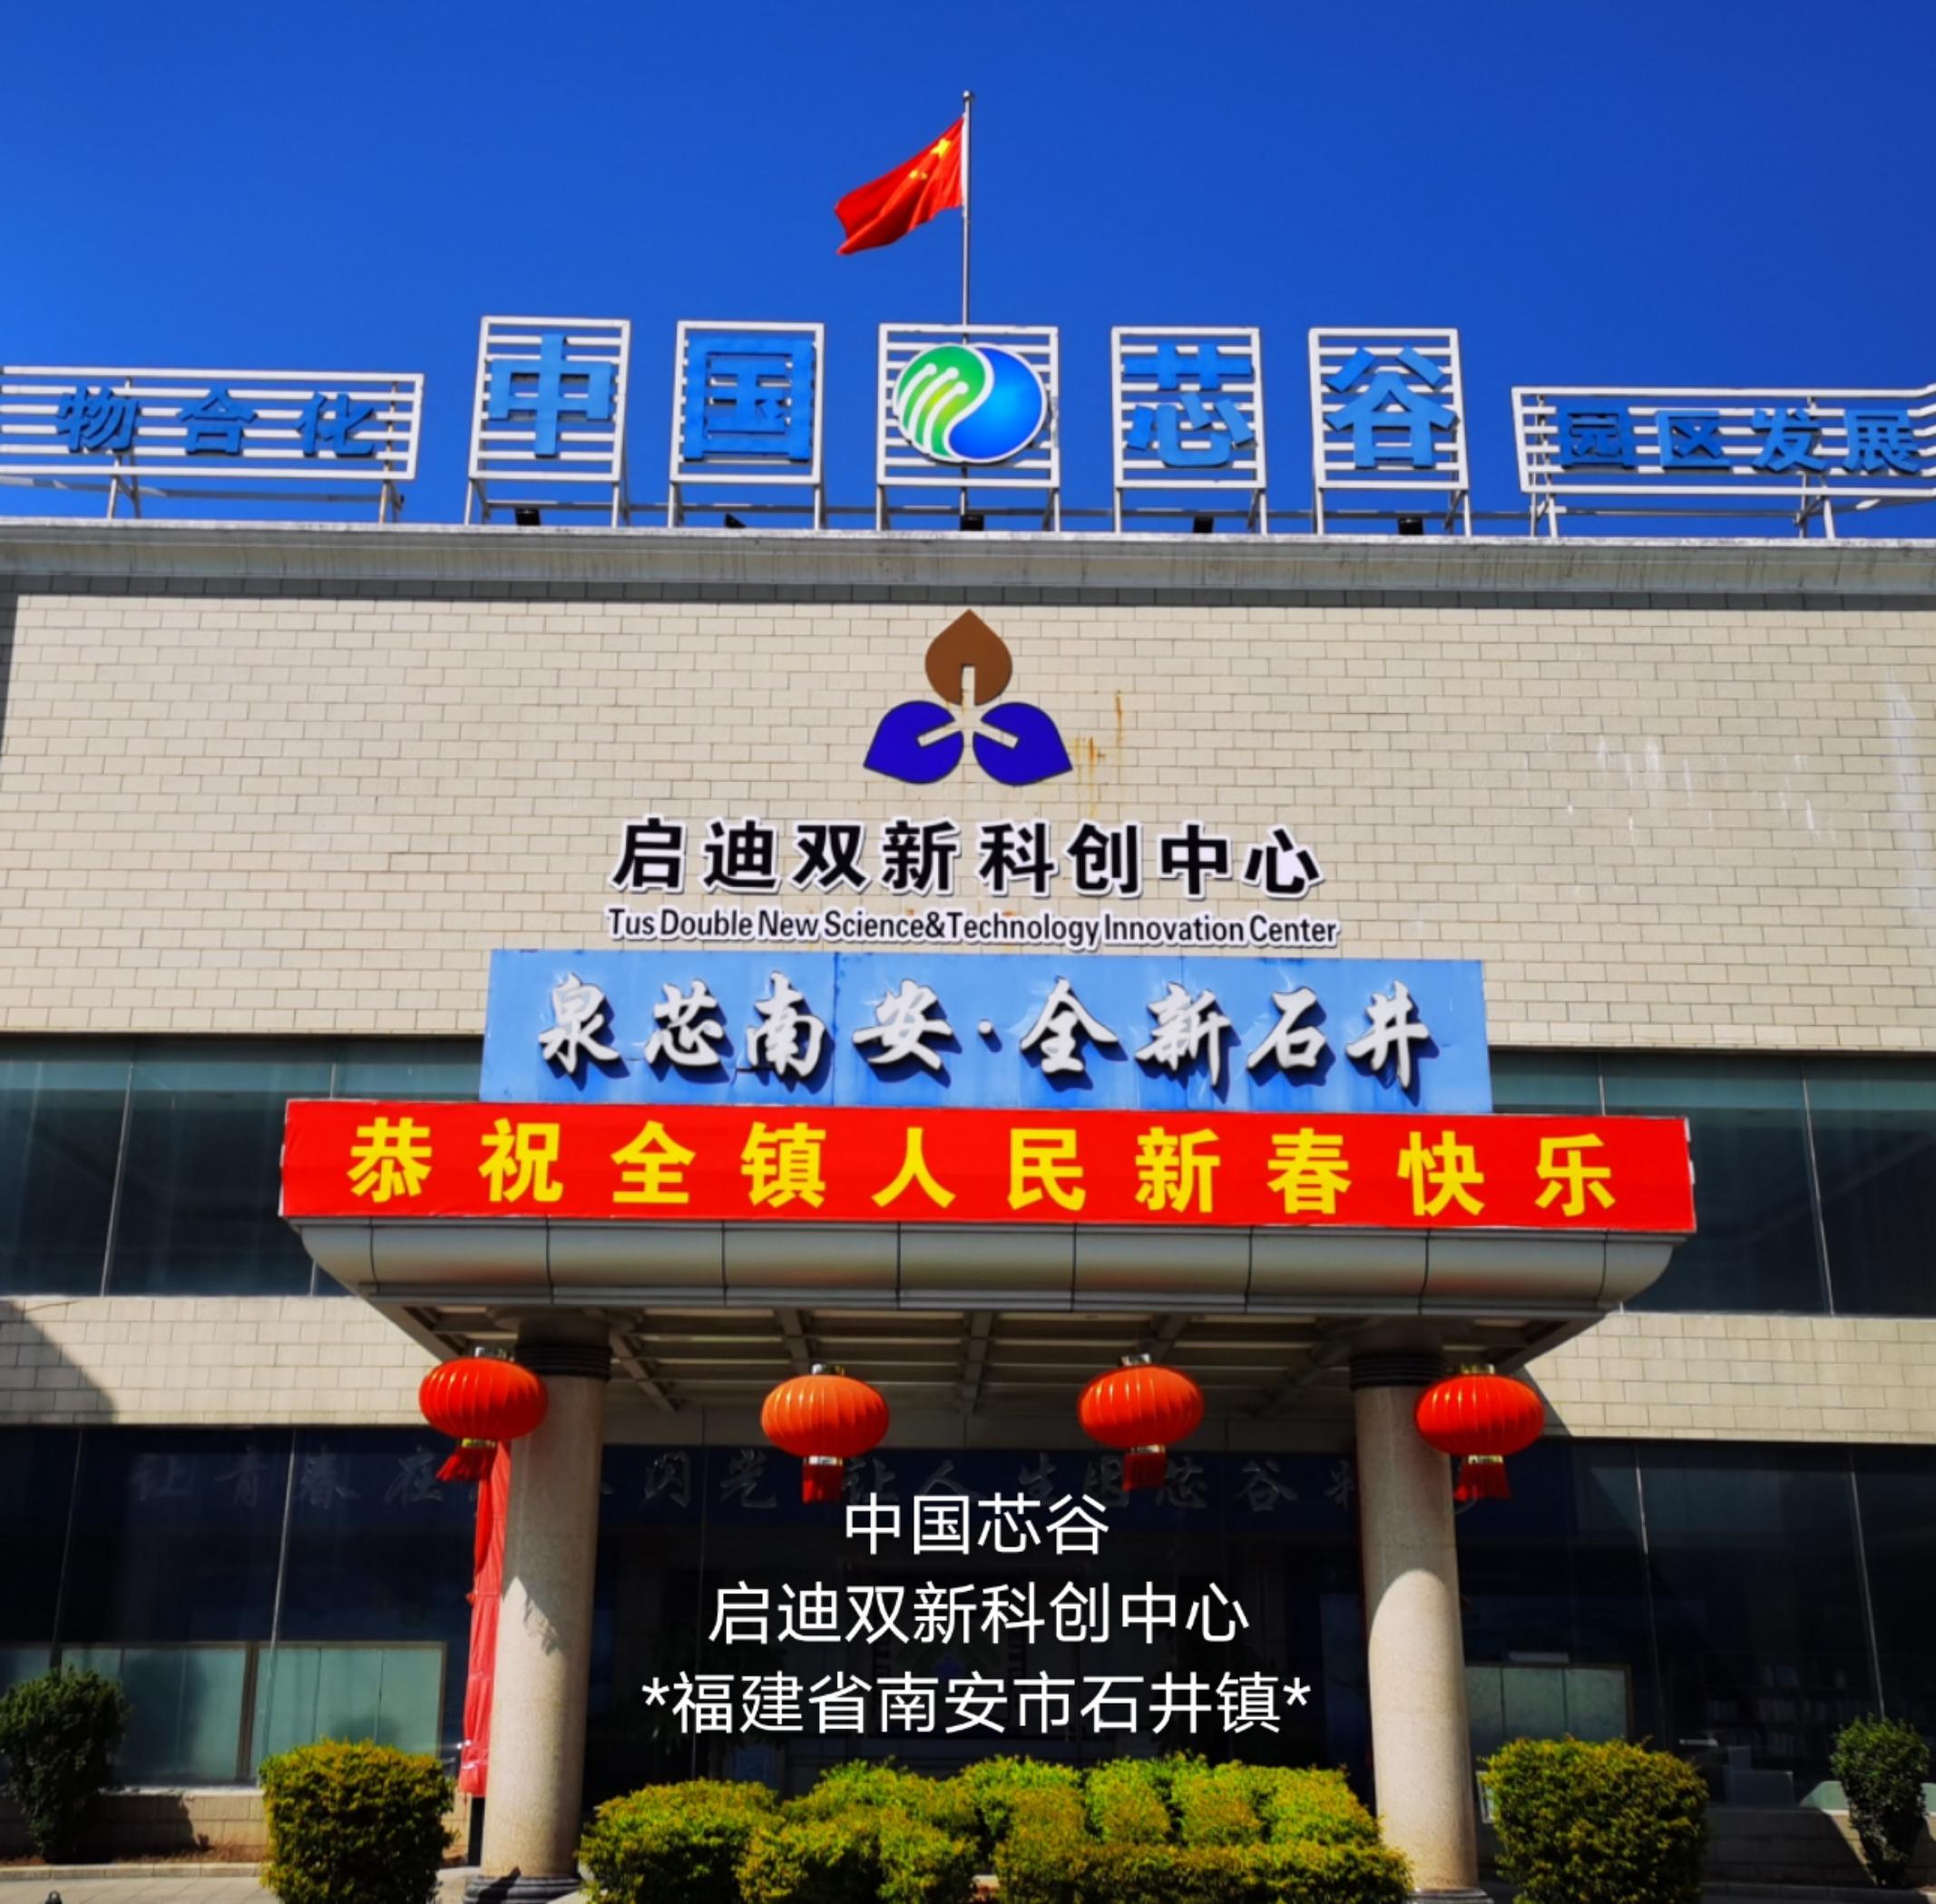 """李明灿:为""""启迪双新科创中心""""点赞!"""